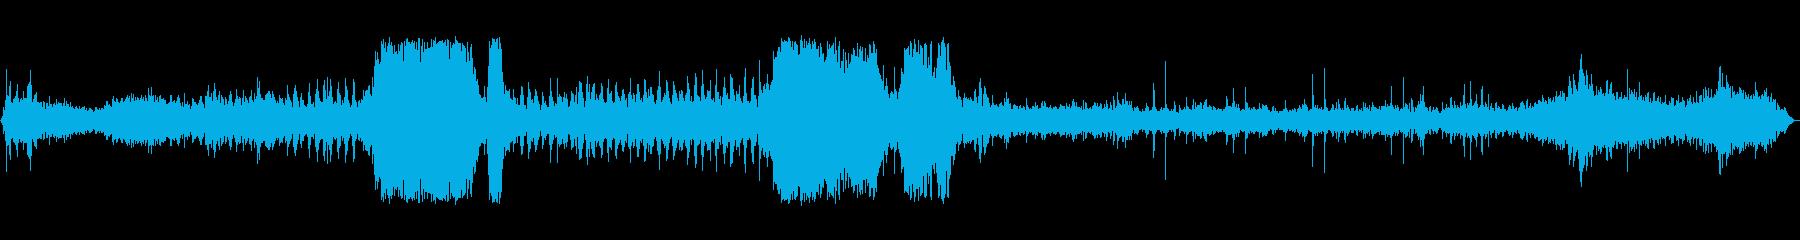 狭軌蒸気機関車:機内、外装:定常エ...の再生済みの波形